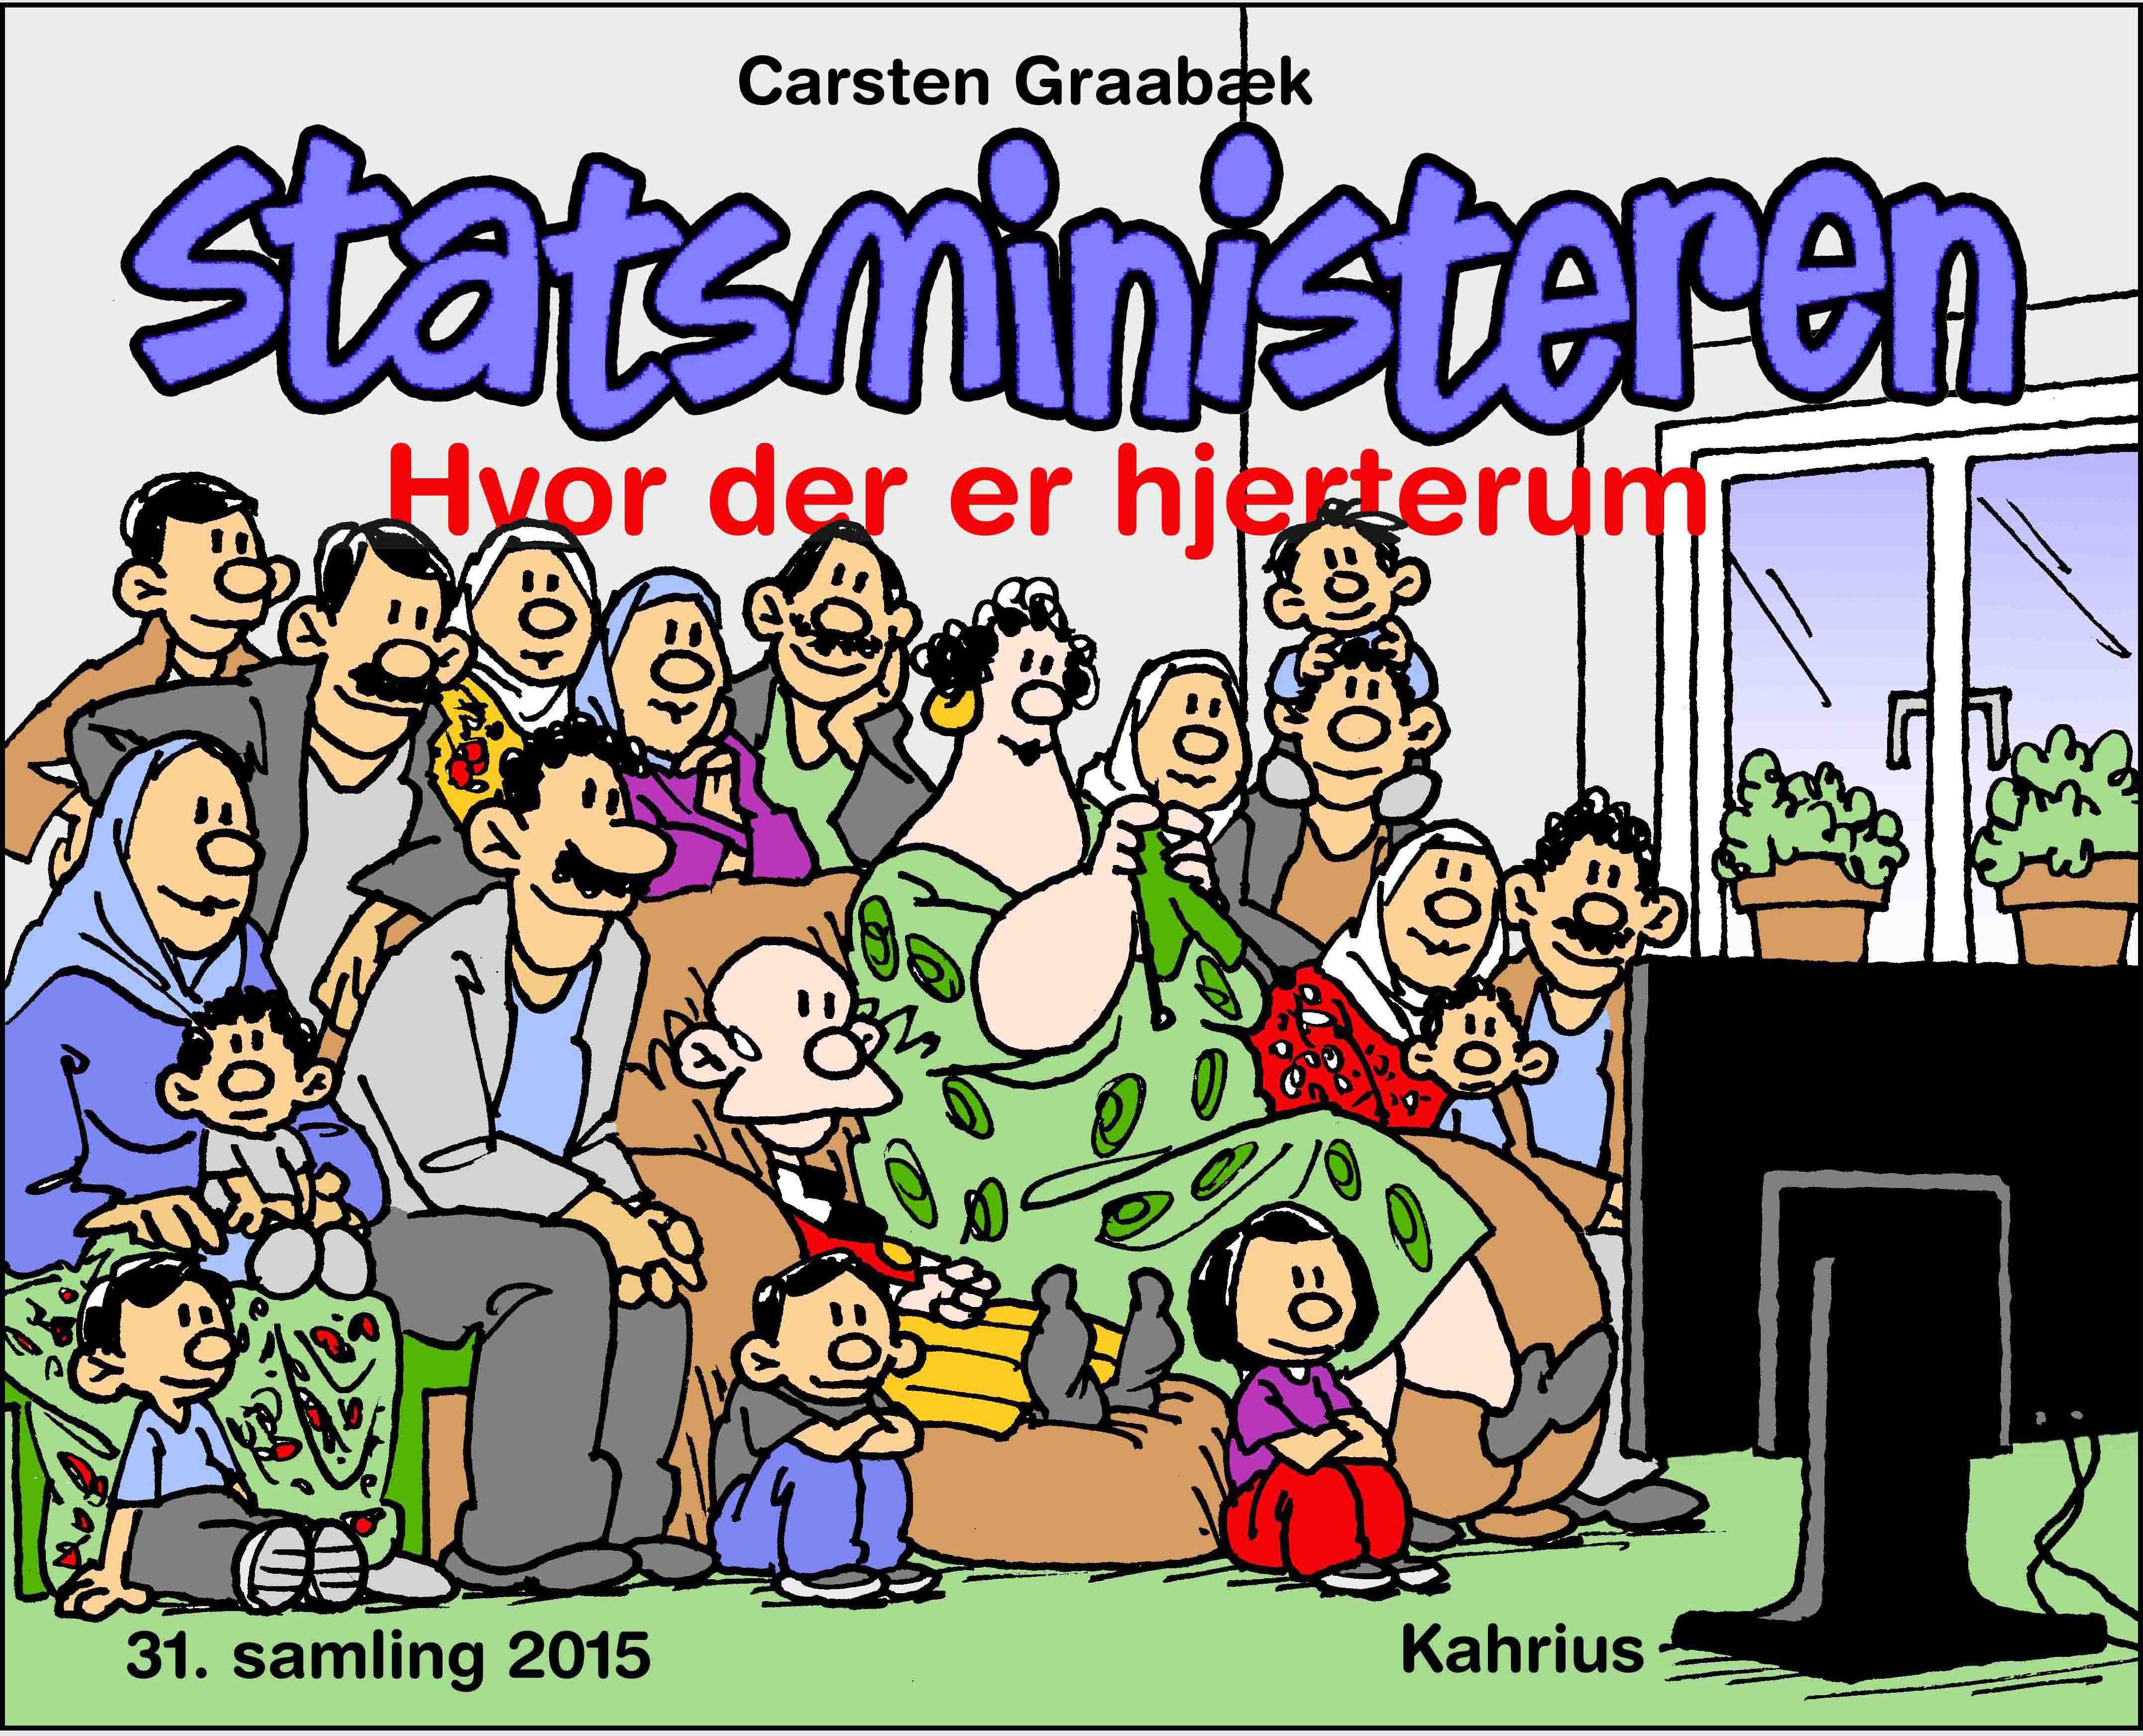 Statsministeren 2015